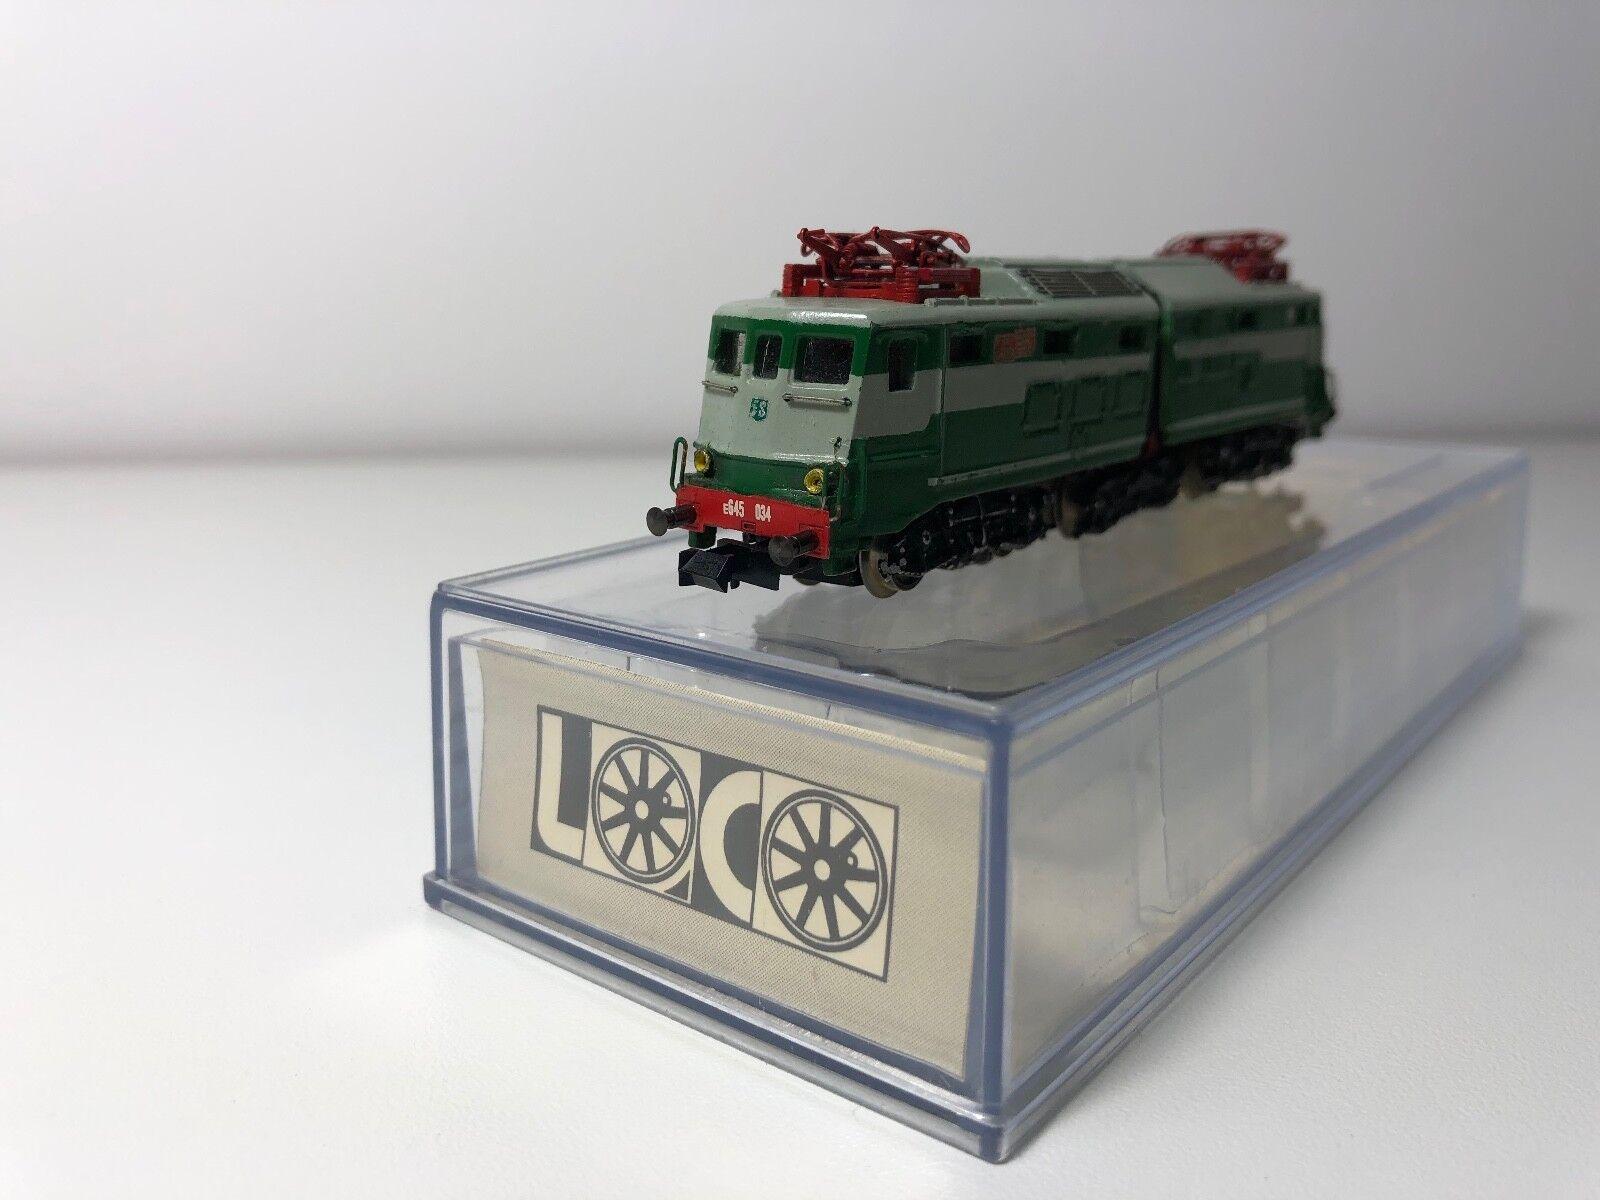 LoCo E645 034 italienische E-Lok der FS OVP